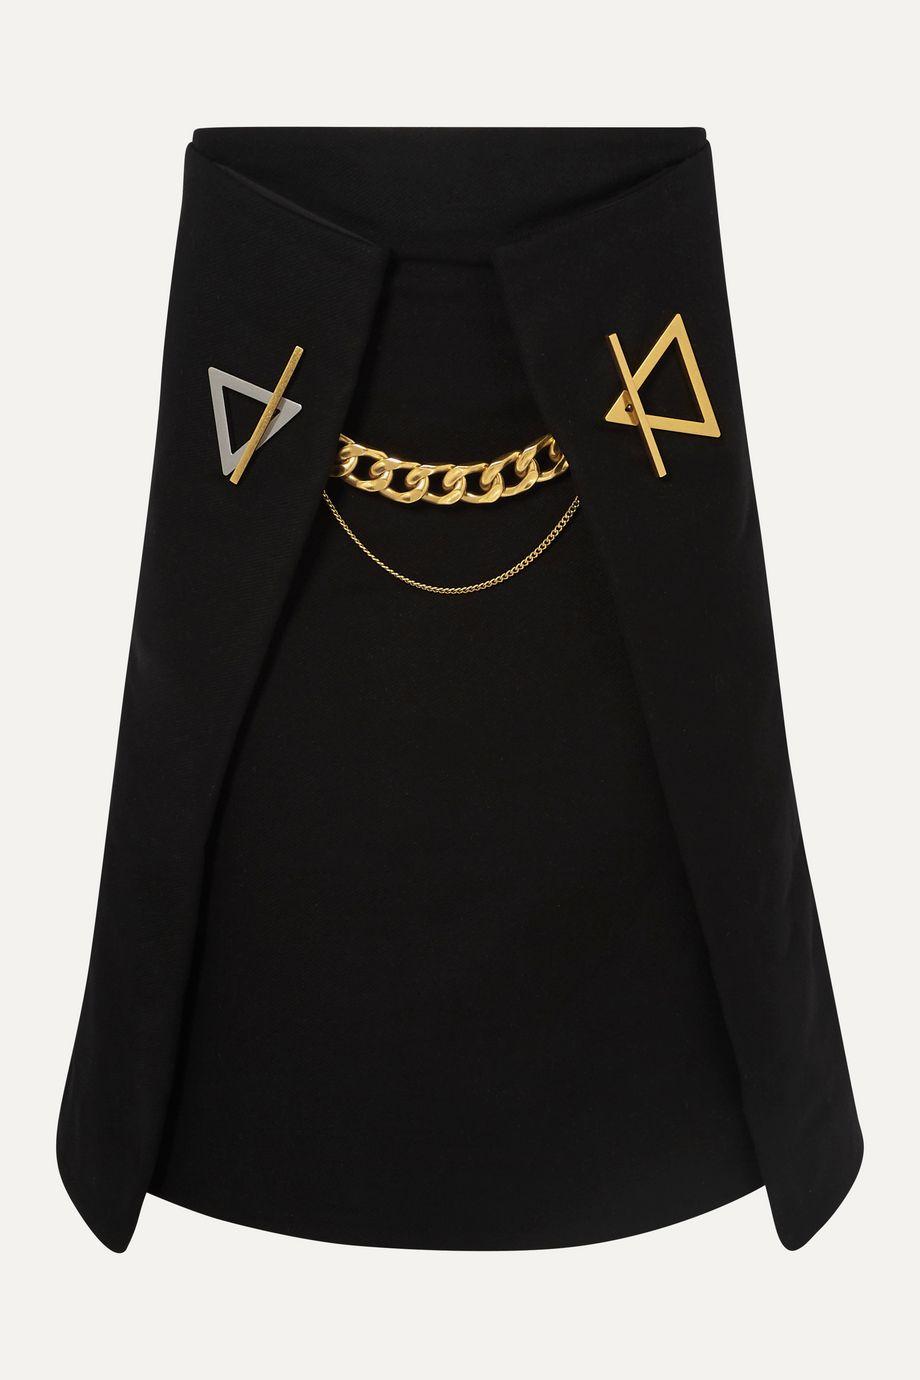 Bottega Veneta Chain-embellished cashmere-gabardine  skirt